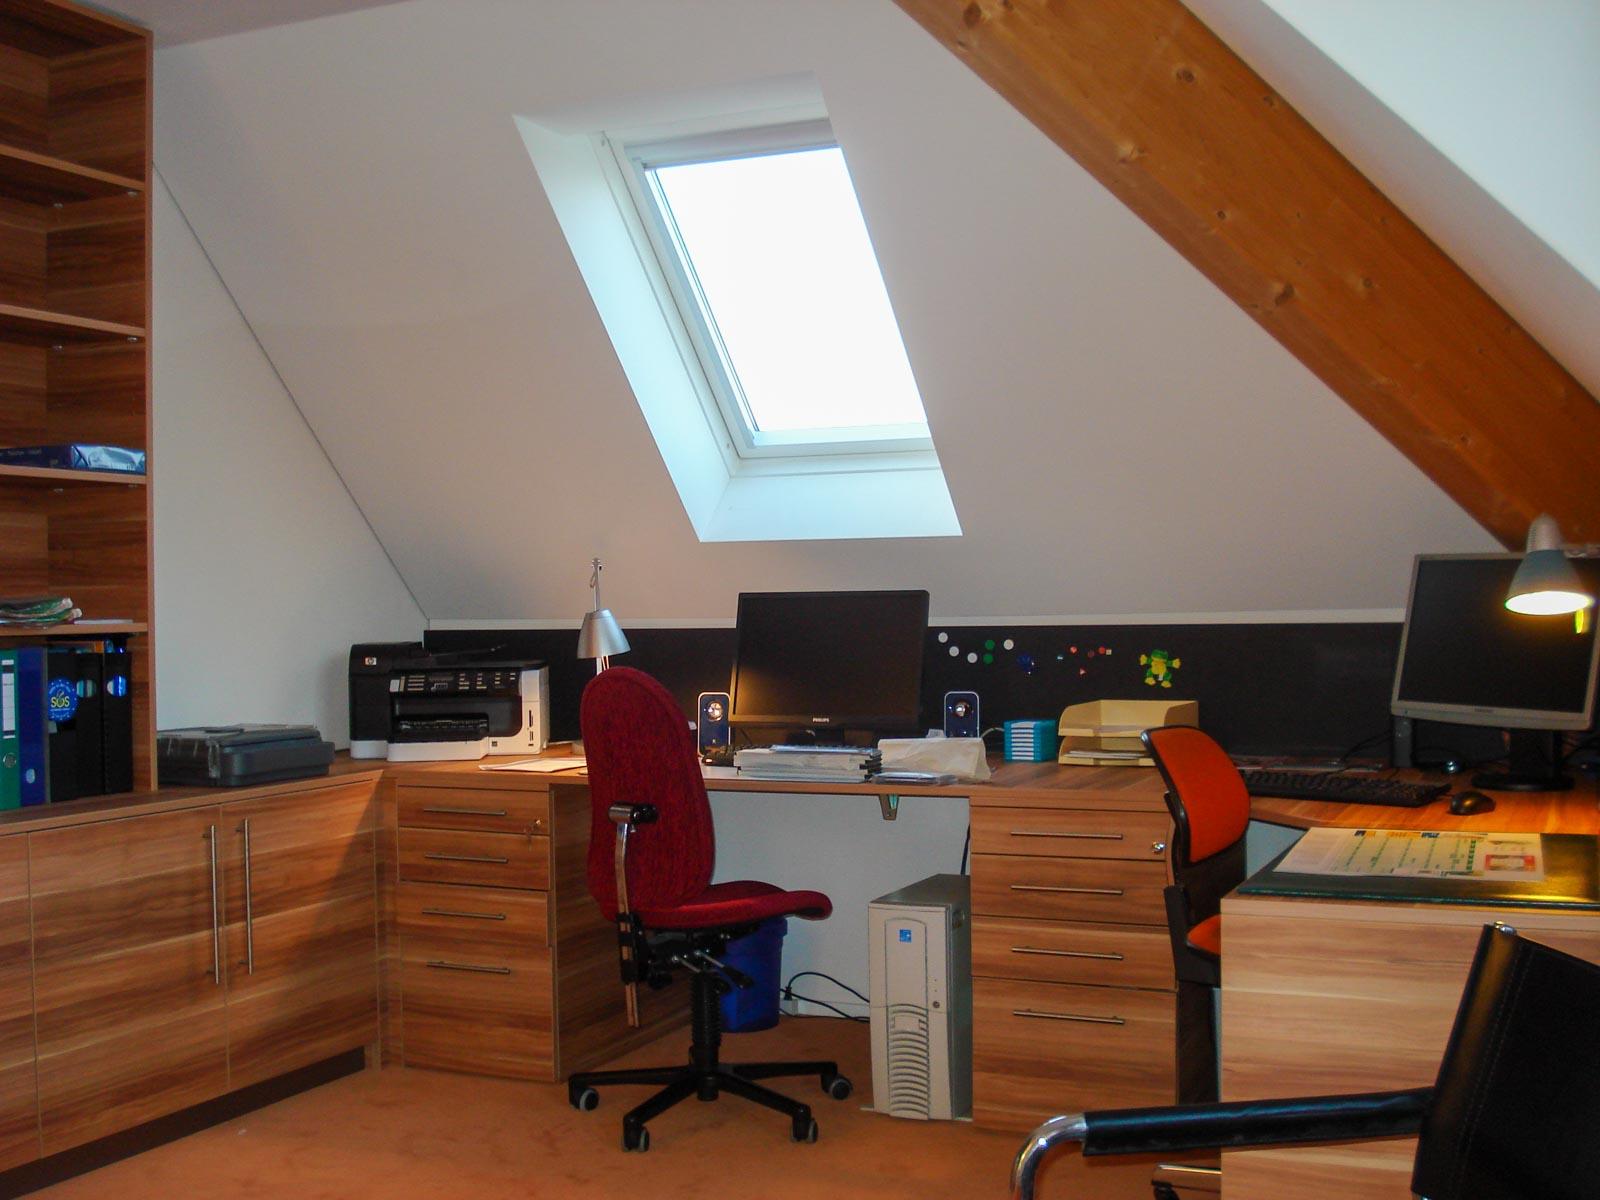 Wooddesign_Büro_Homeoffice_Schreibtisch_Pinwand_Magnetwand_Schubladen_Wandschrank_Regal_Holz_versenkbare Steckdose(7)